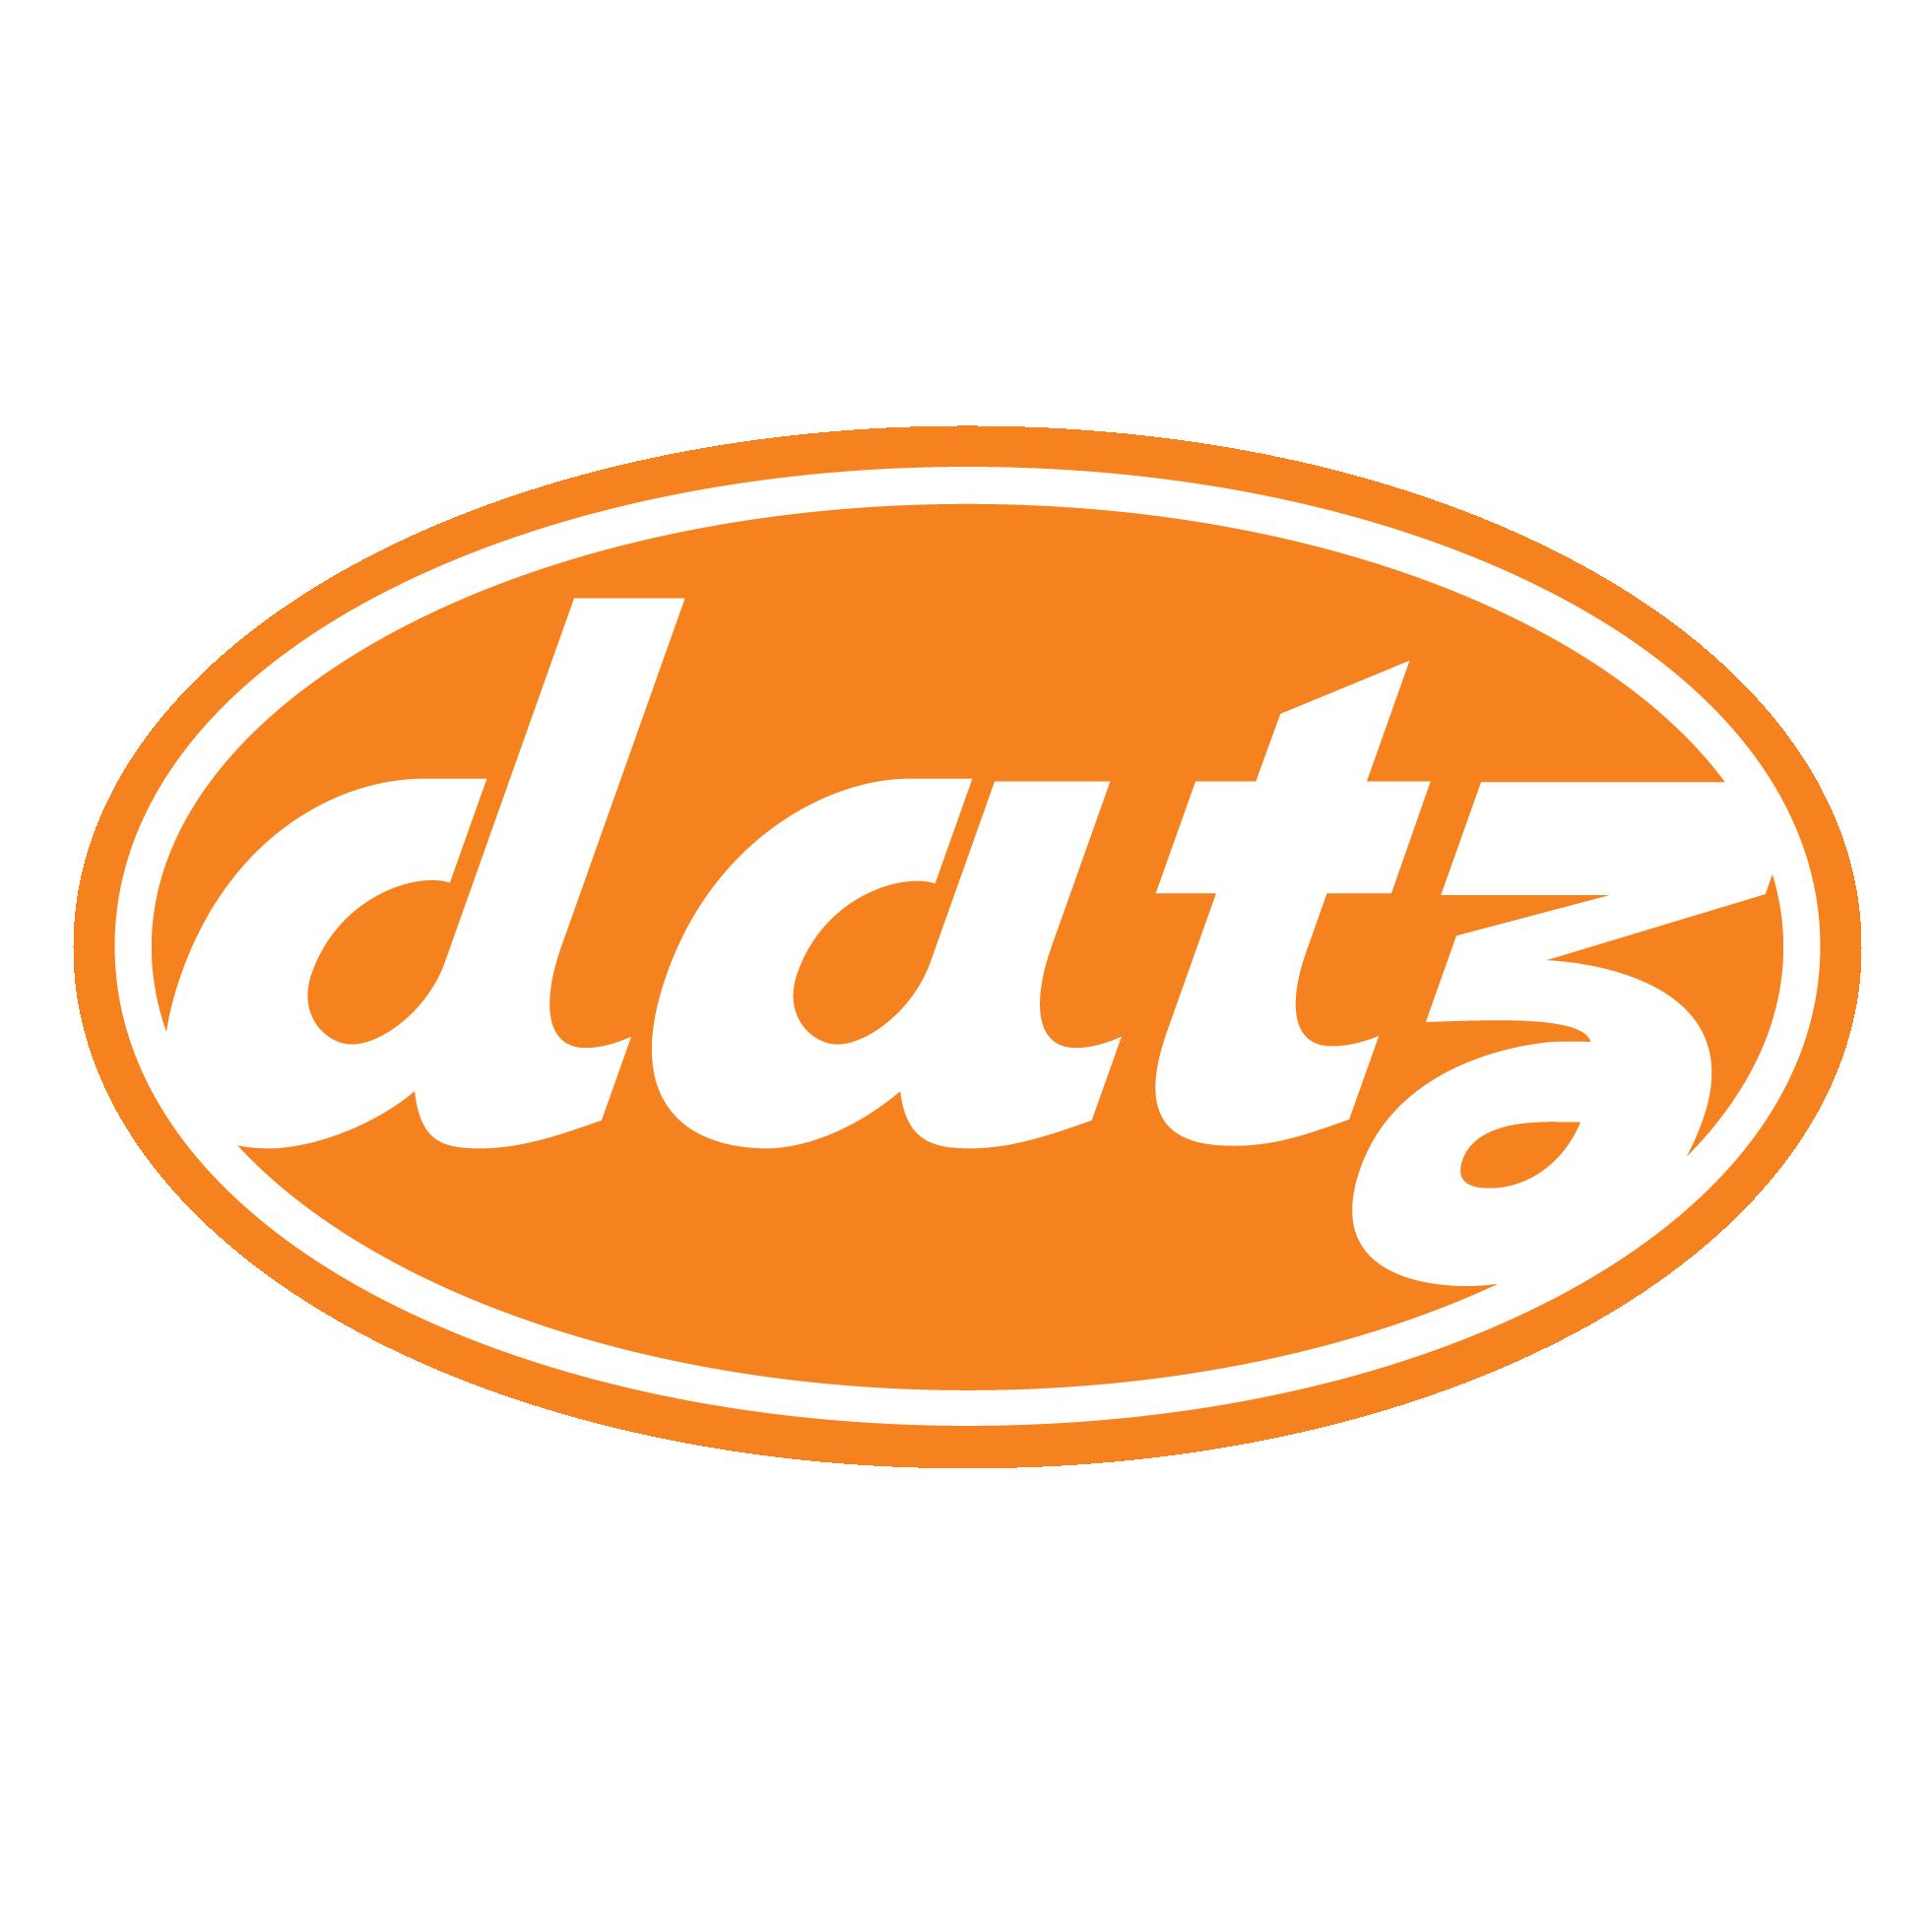 Datzmoji messages sticker-0